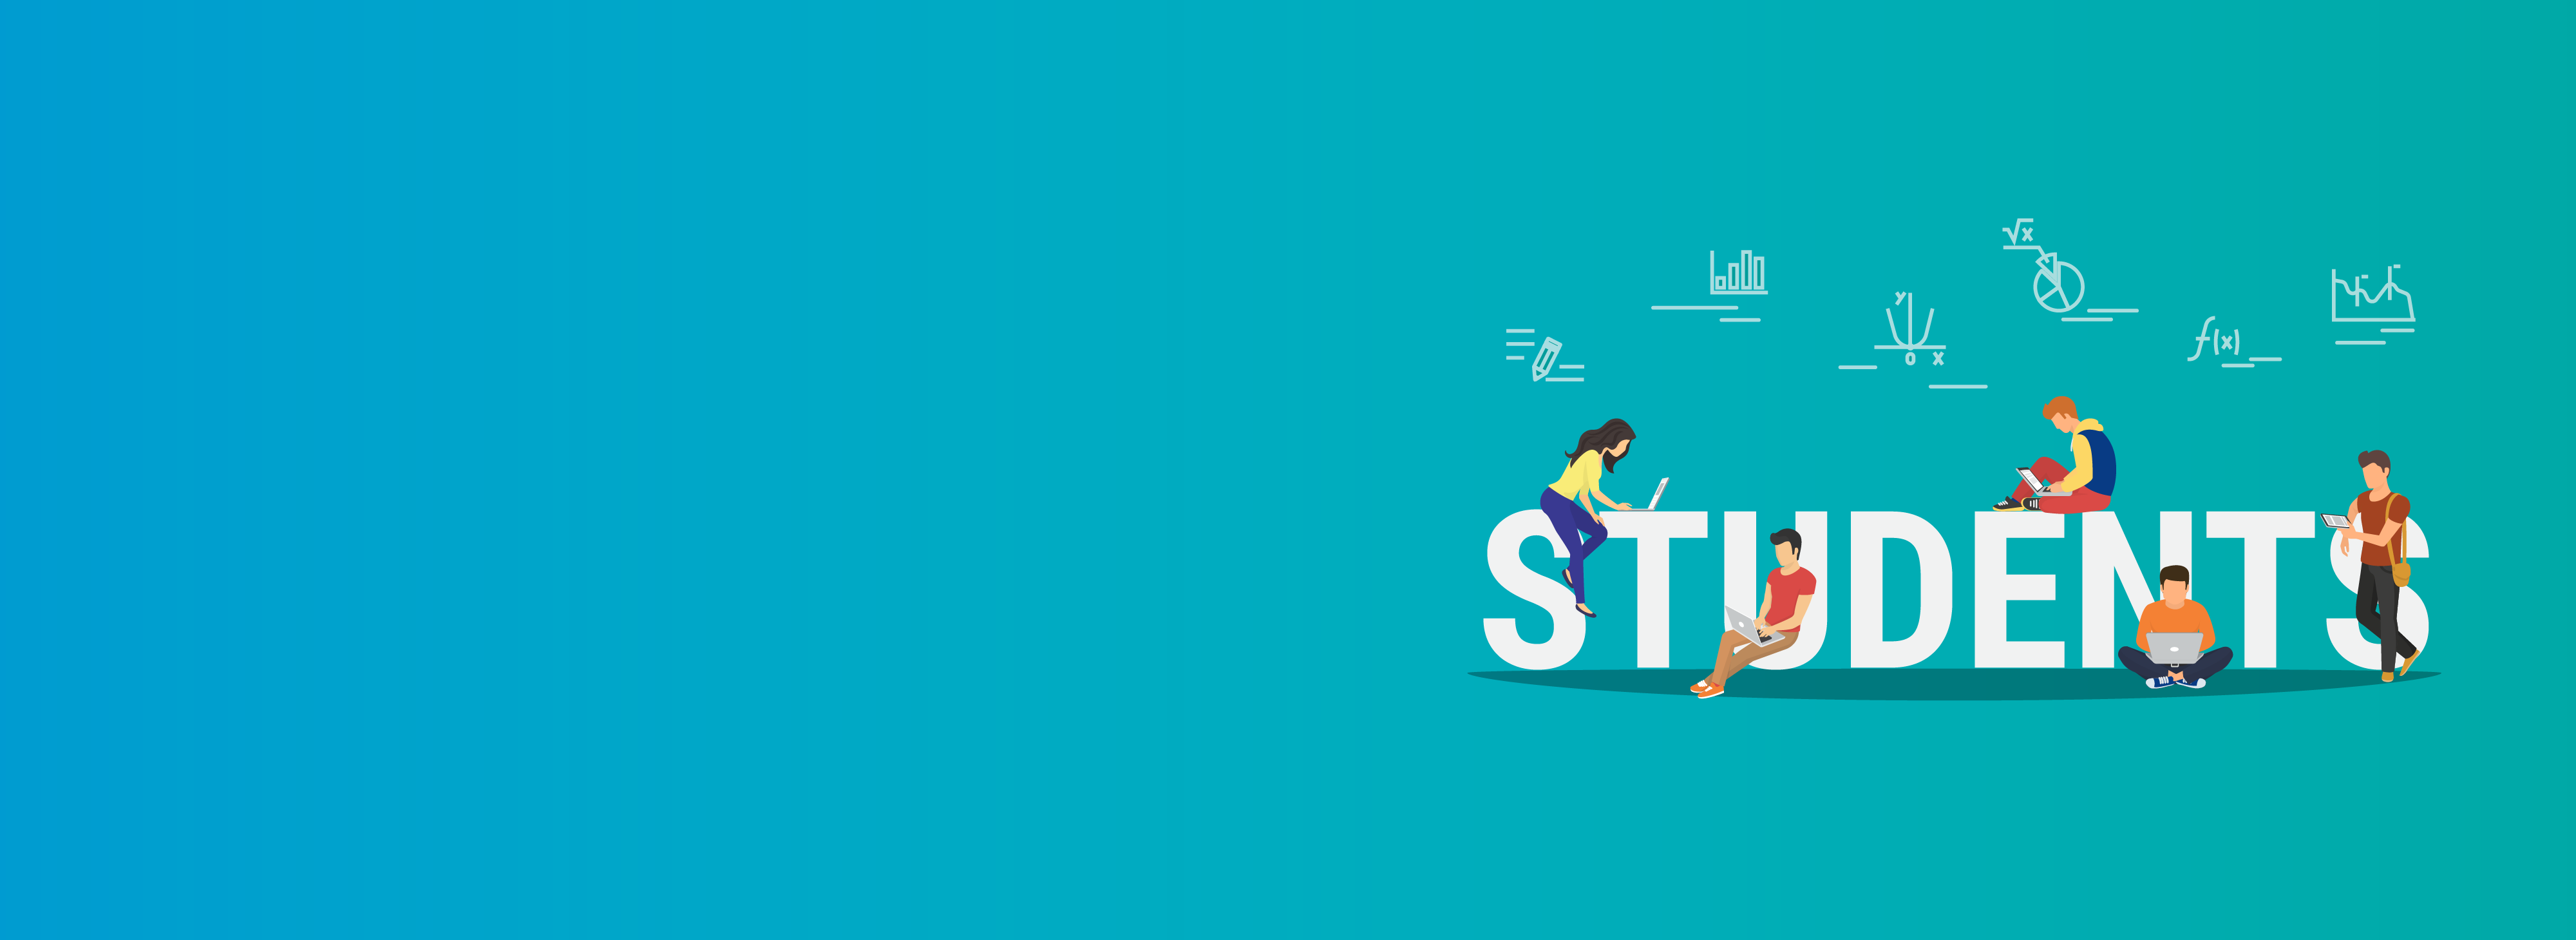 teaser_sim for learn-02